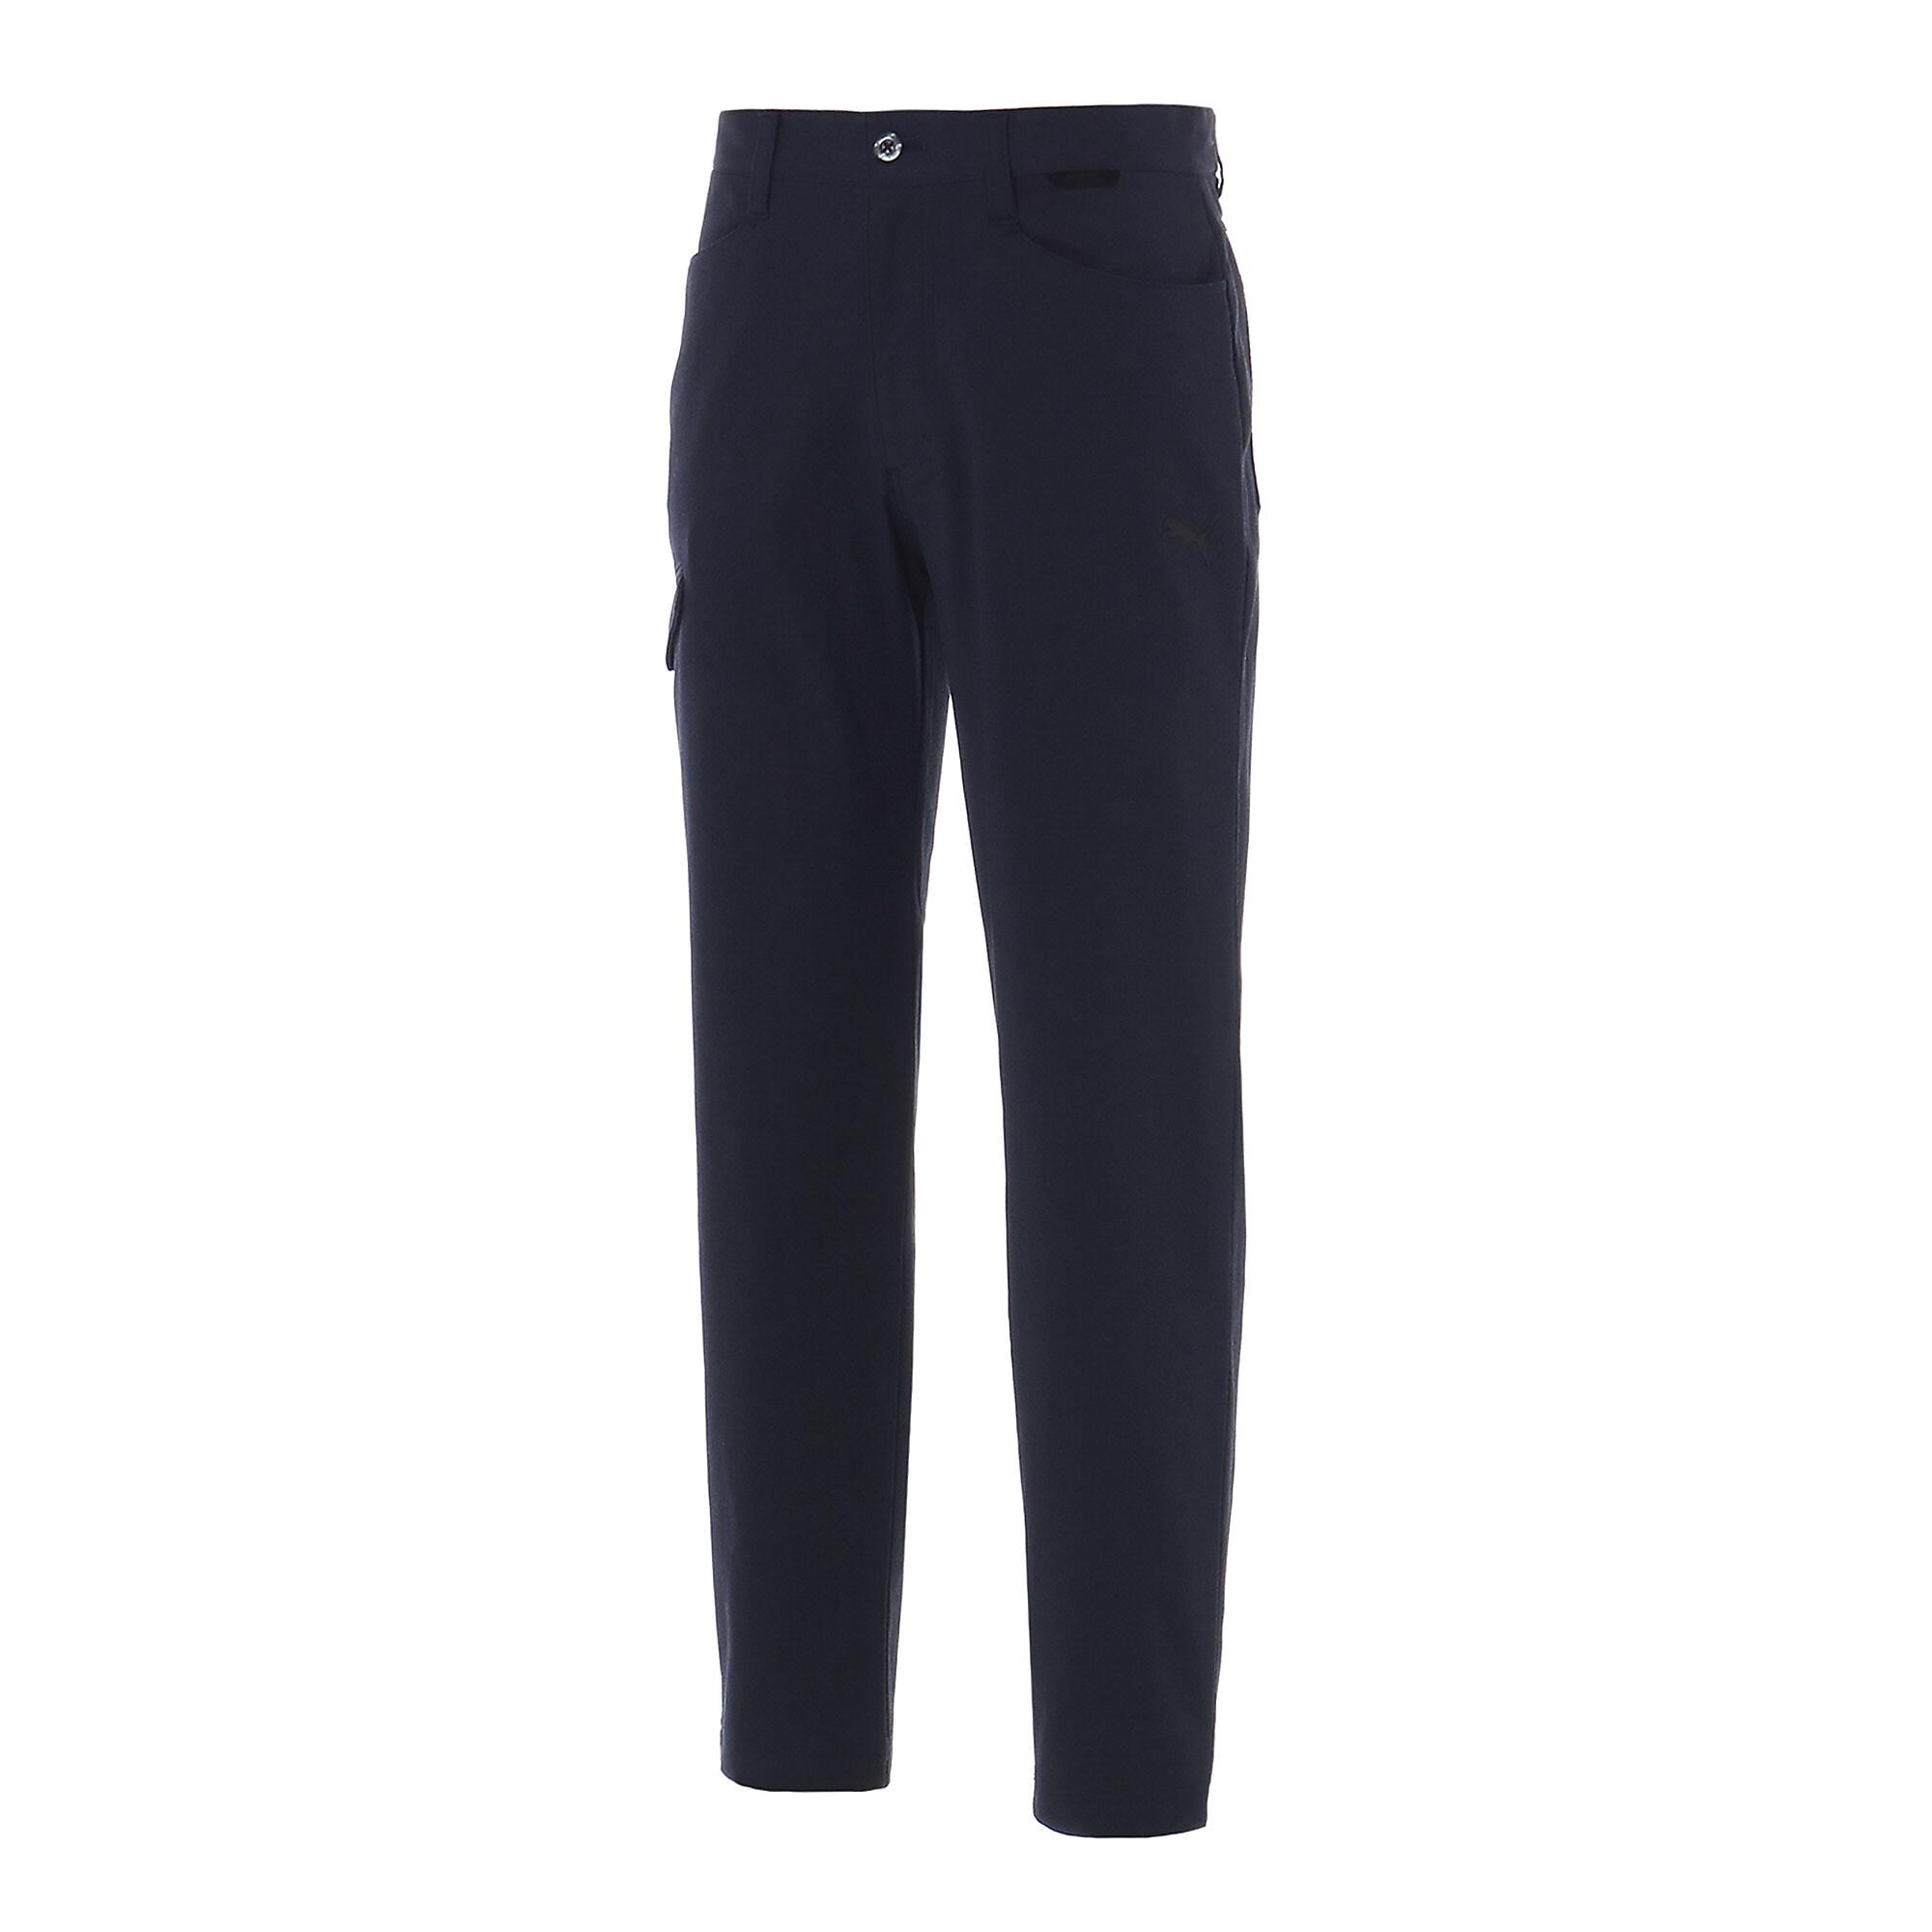 【プーマ公式通販】 プーマ ゴルフ ハイパワードビー テーパード パンツ メンズ Peacoat |PUMA.com